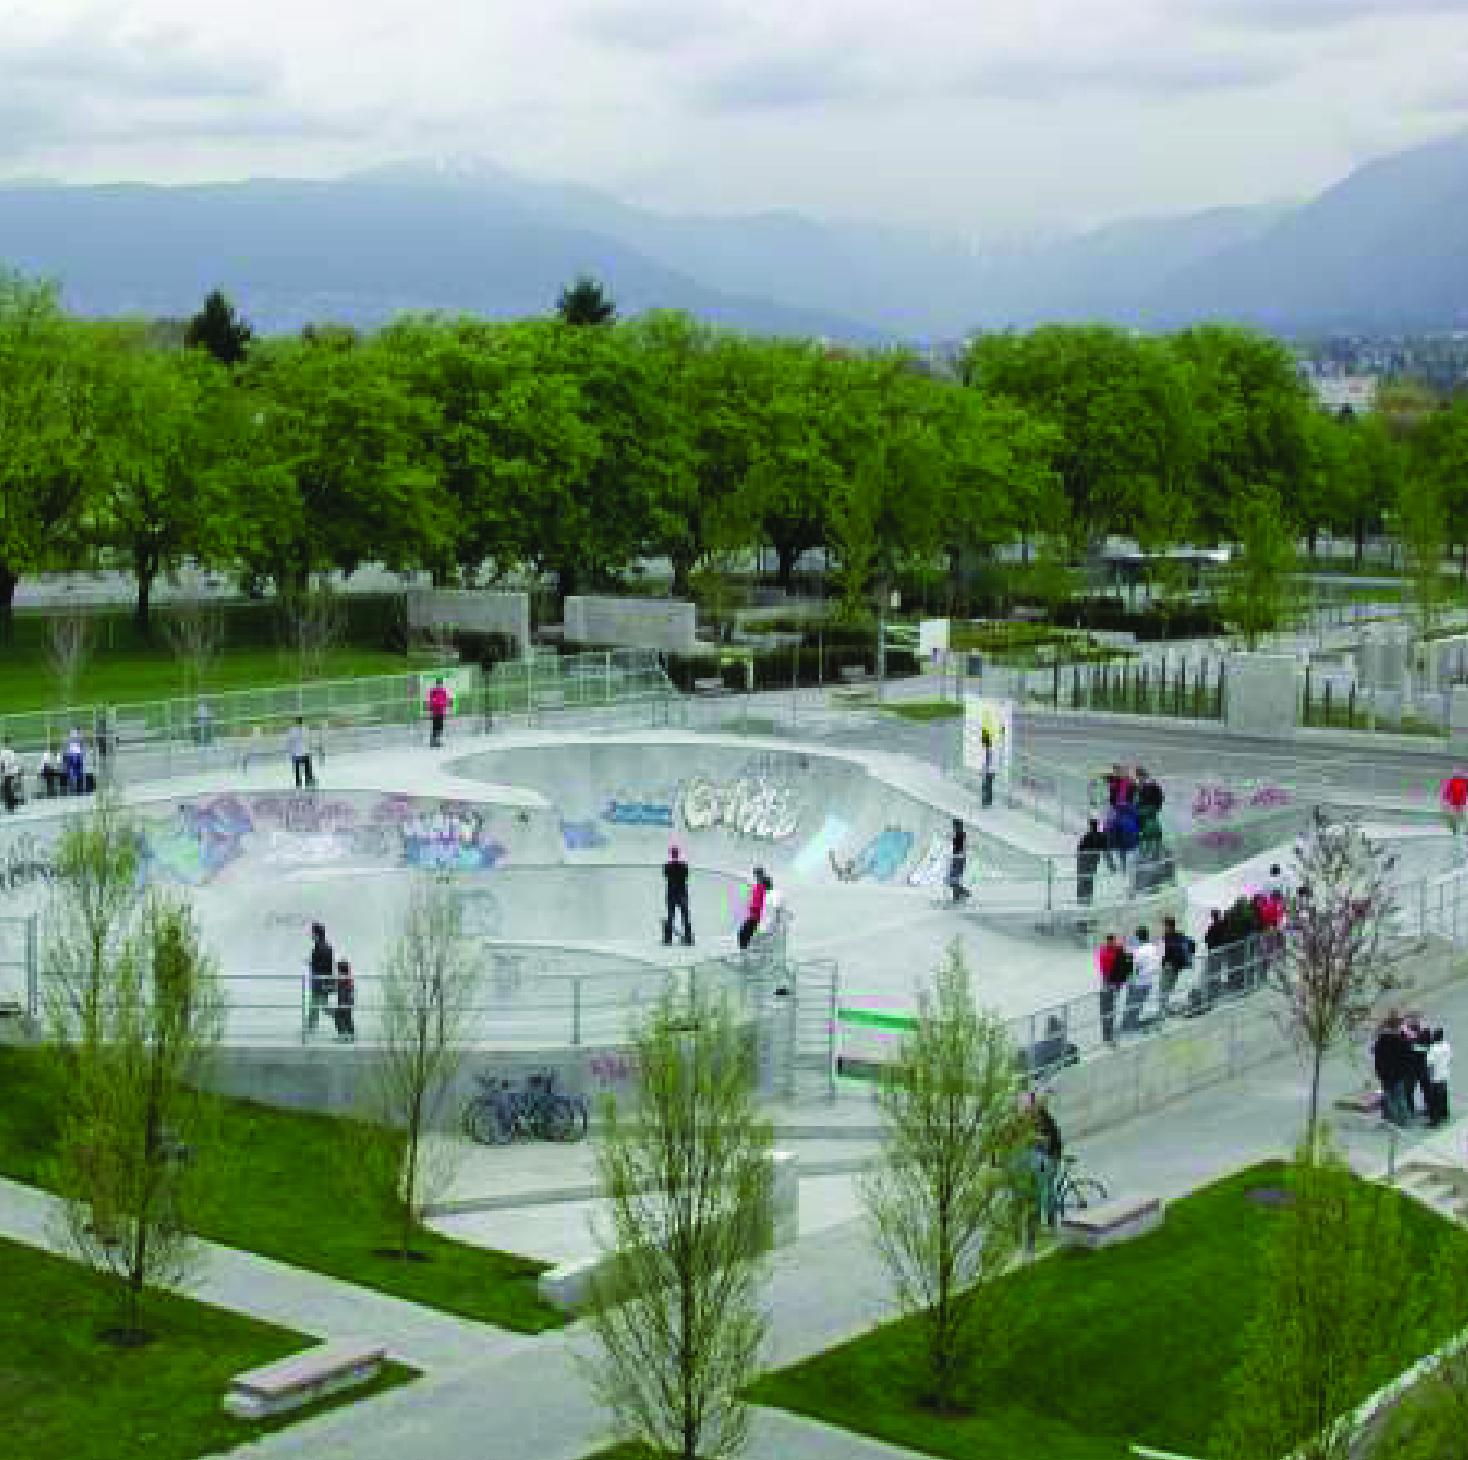 PlaygroundSkatepark02.jpg